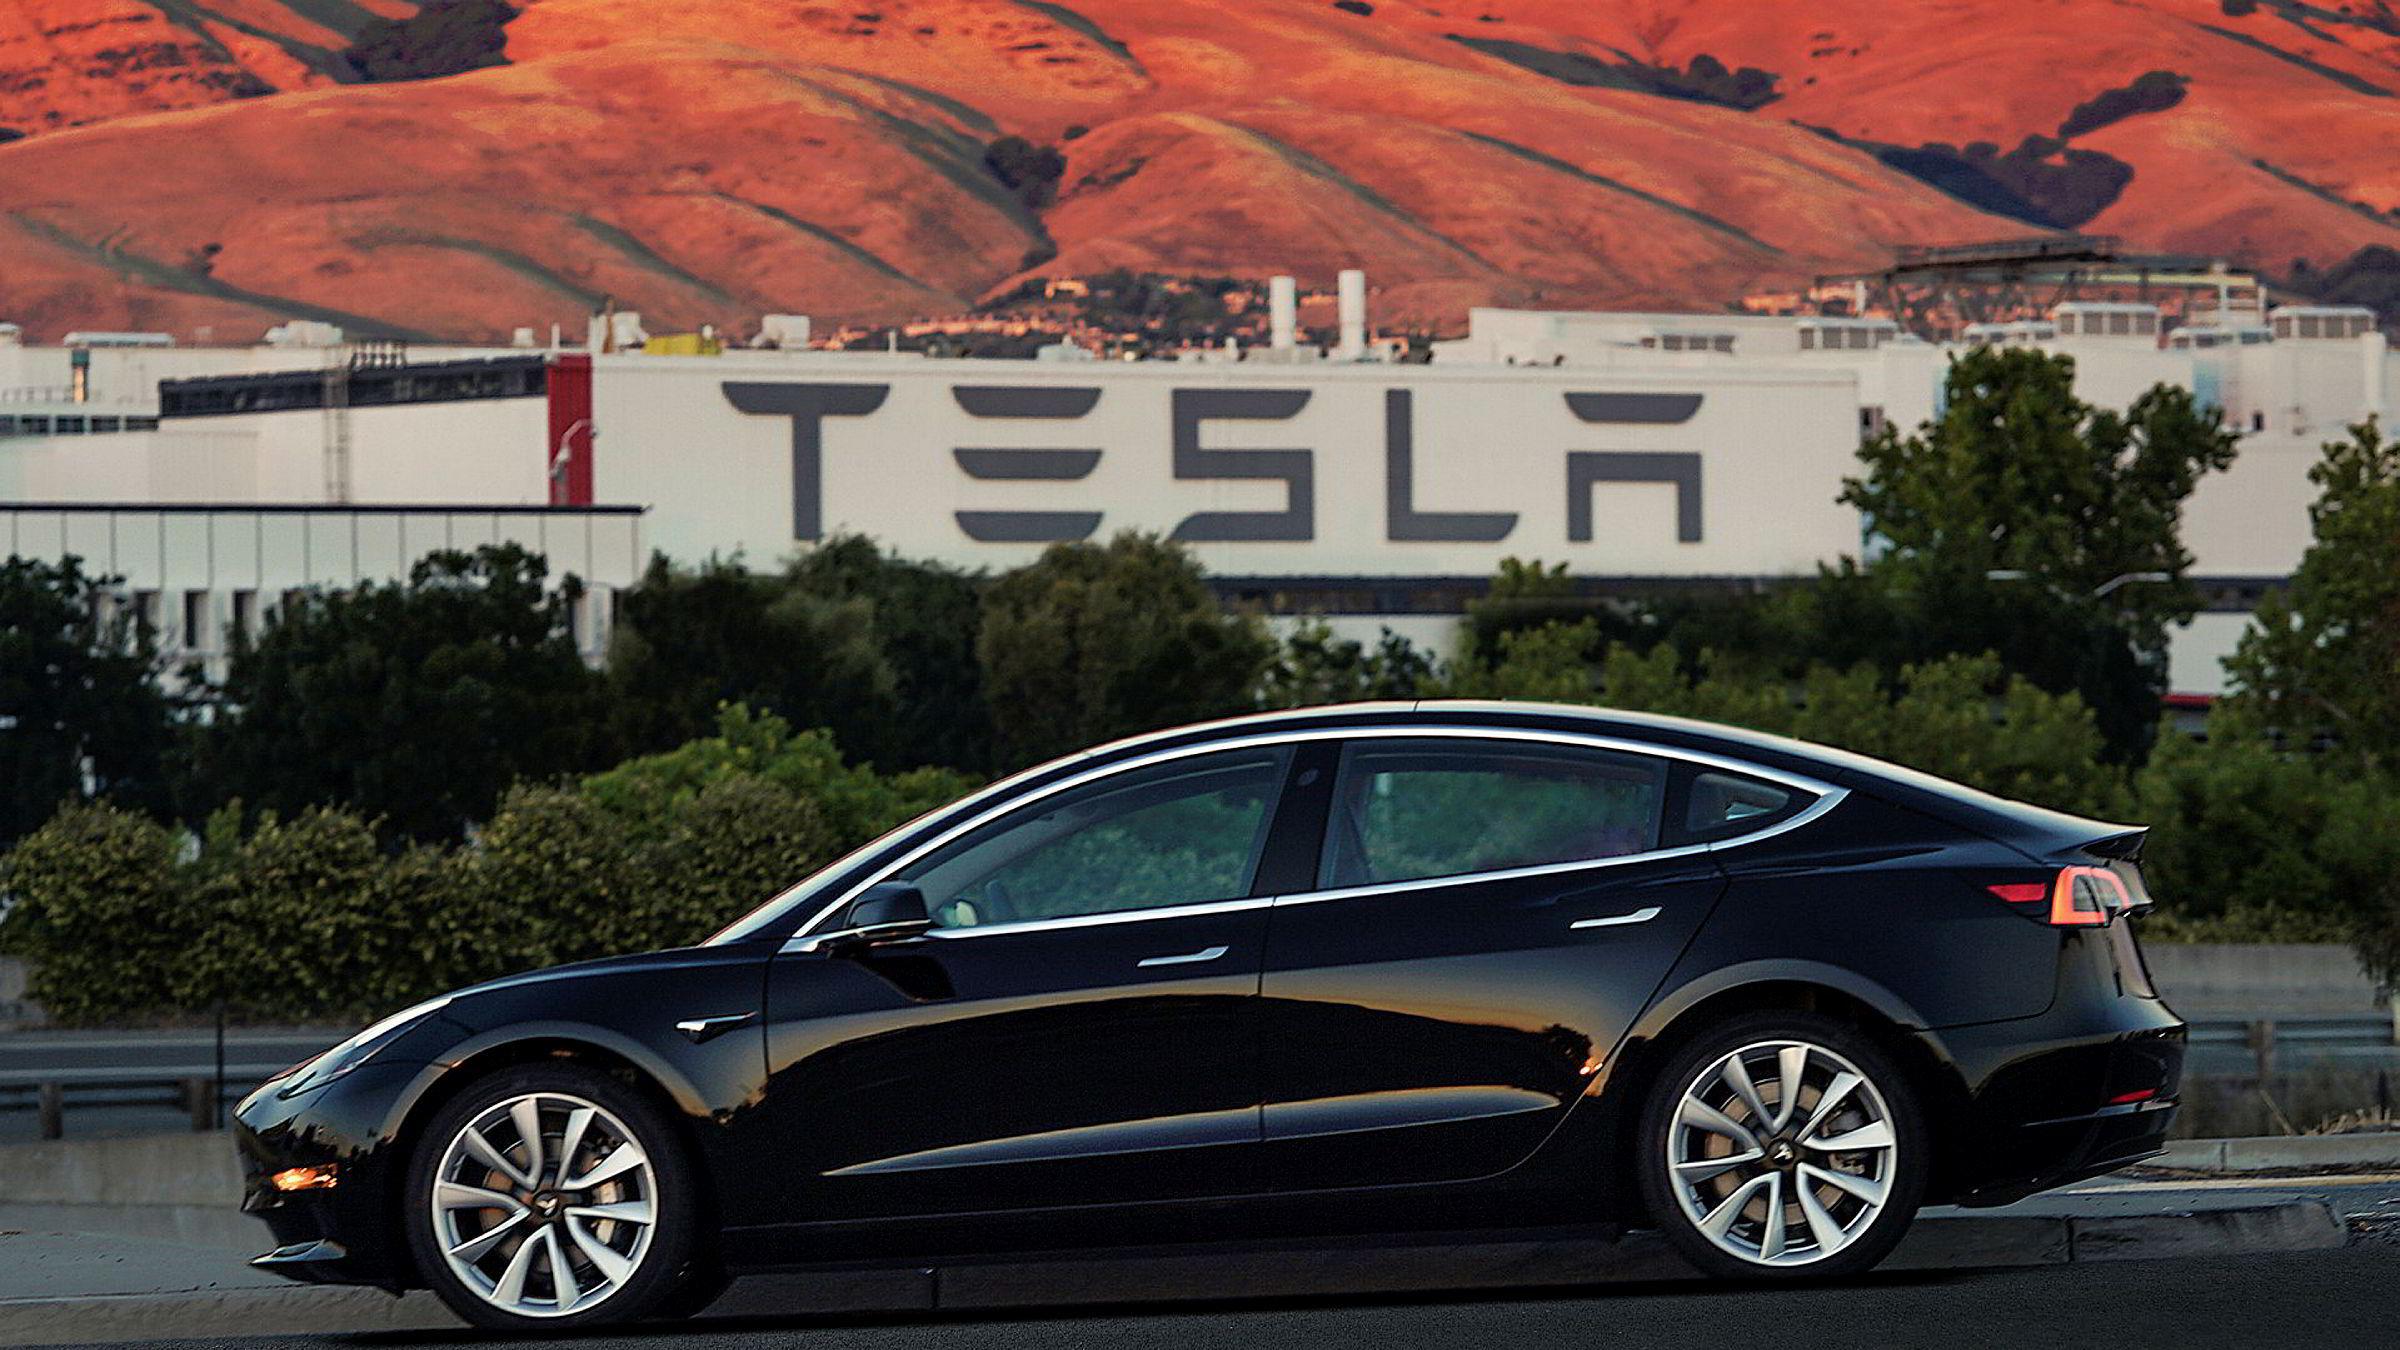 Tesla-sjef Elon Musk lovet å produsere 1500 eksemplarer av Tesla Model 3 i tredje kvartal, men fikk bare produsert 260 stykker. Bilen har fått en prislapp på 35.000 dollar (280.000 kroner) i USA.